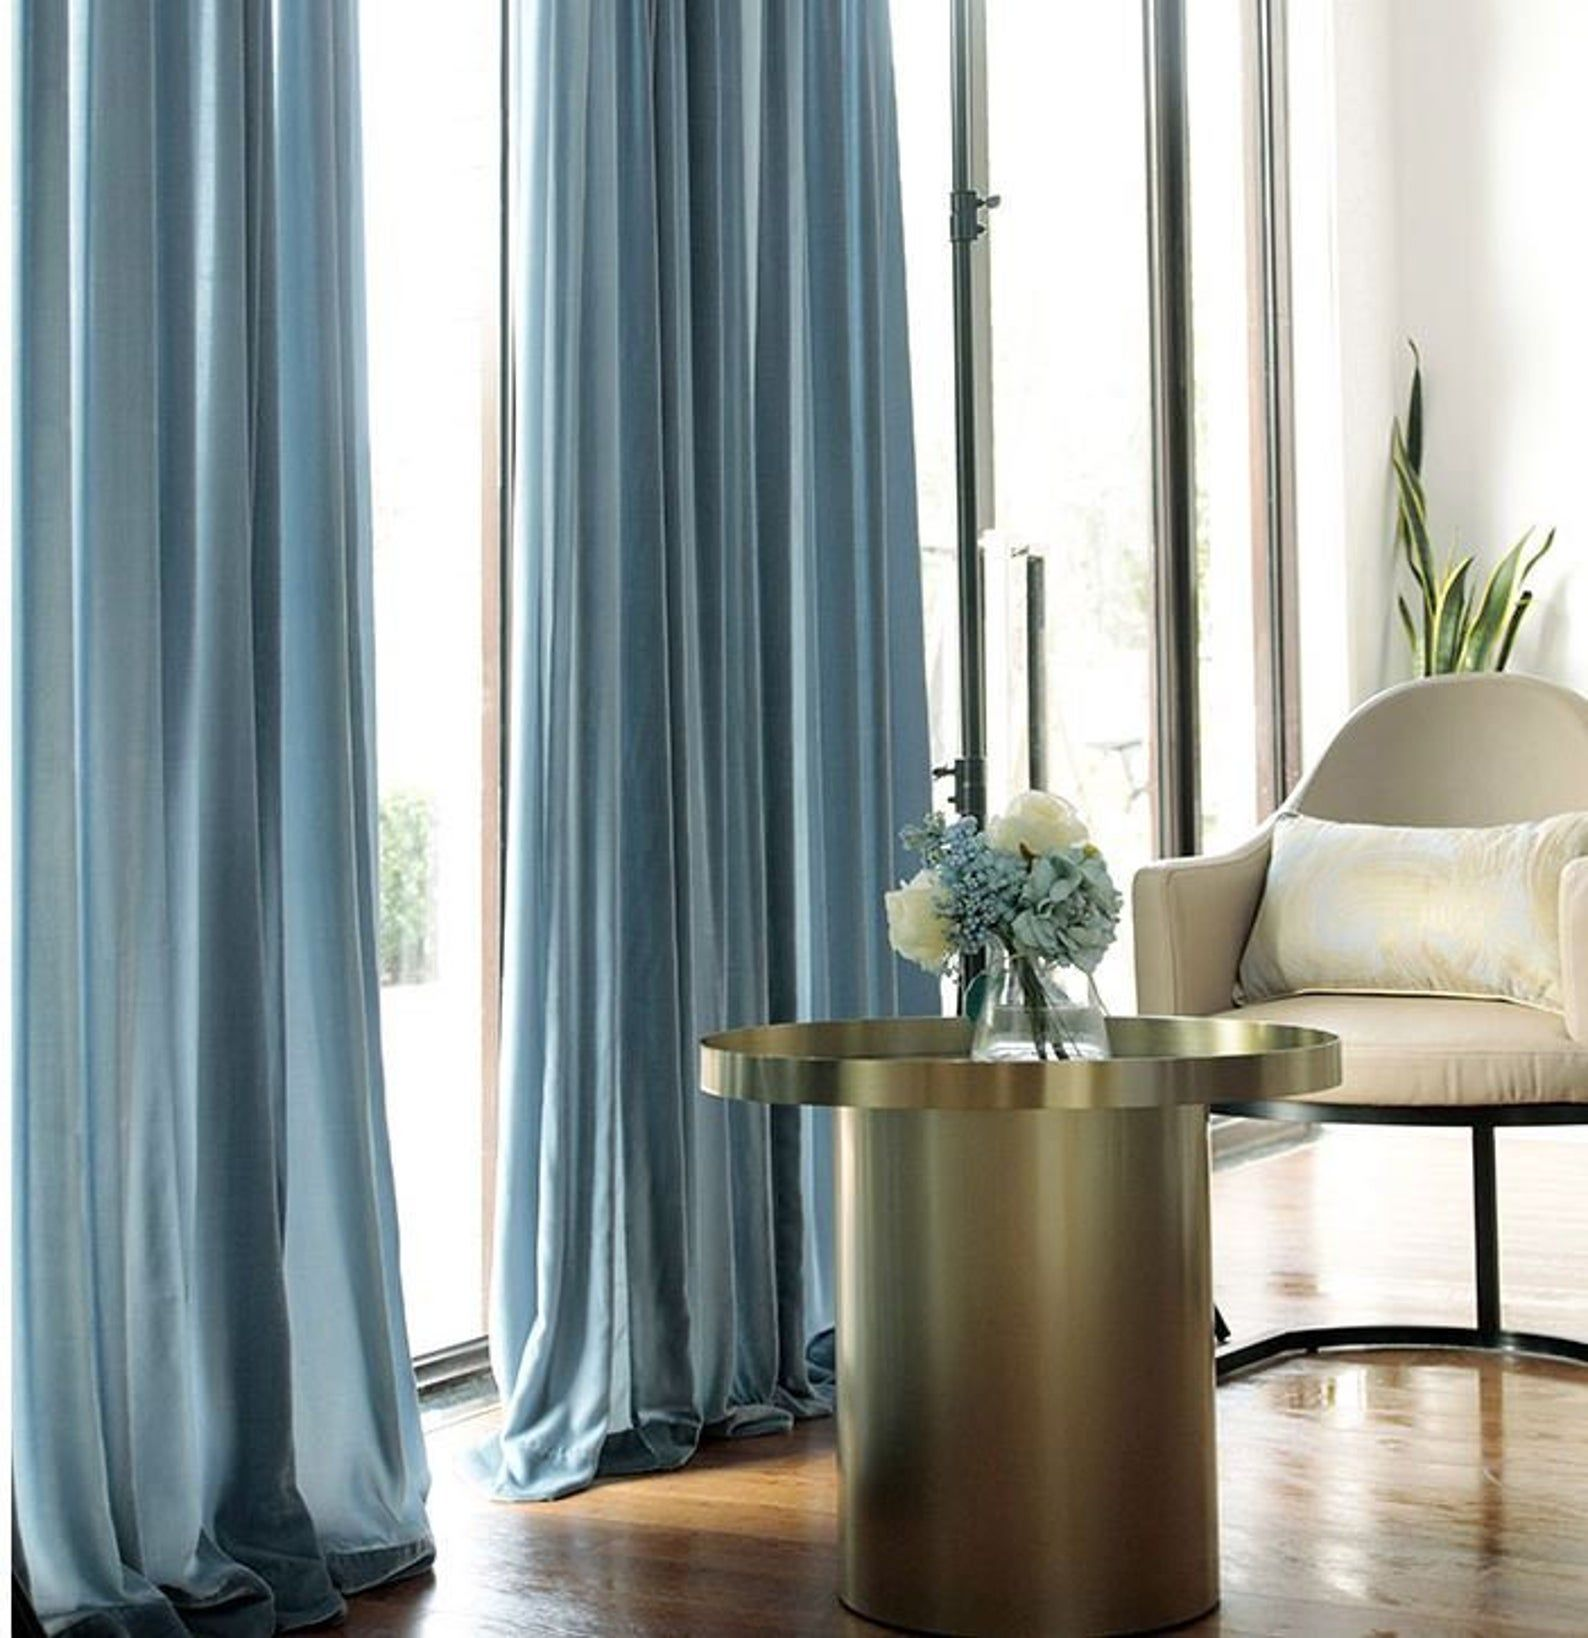 23 2020 curtain trends ideas interior